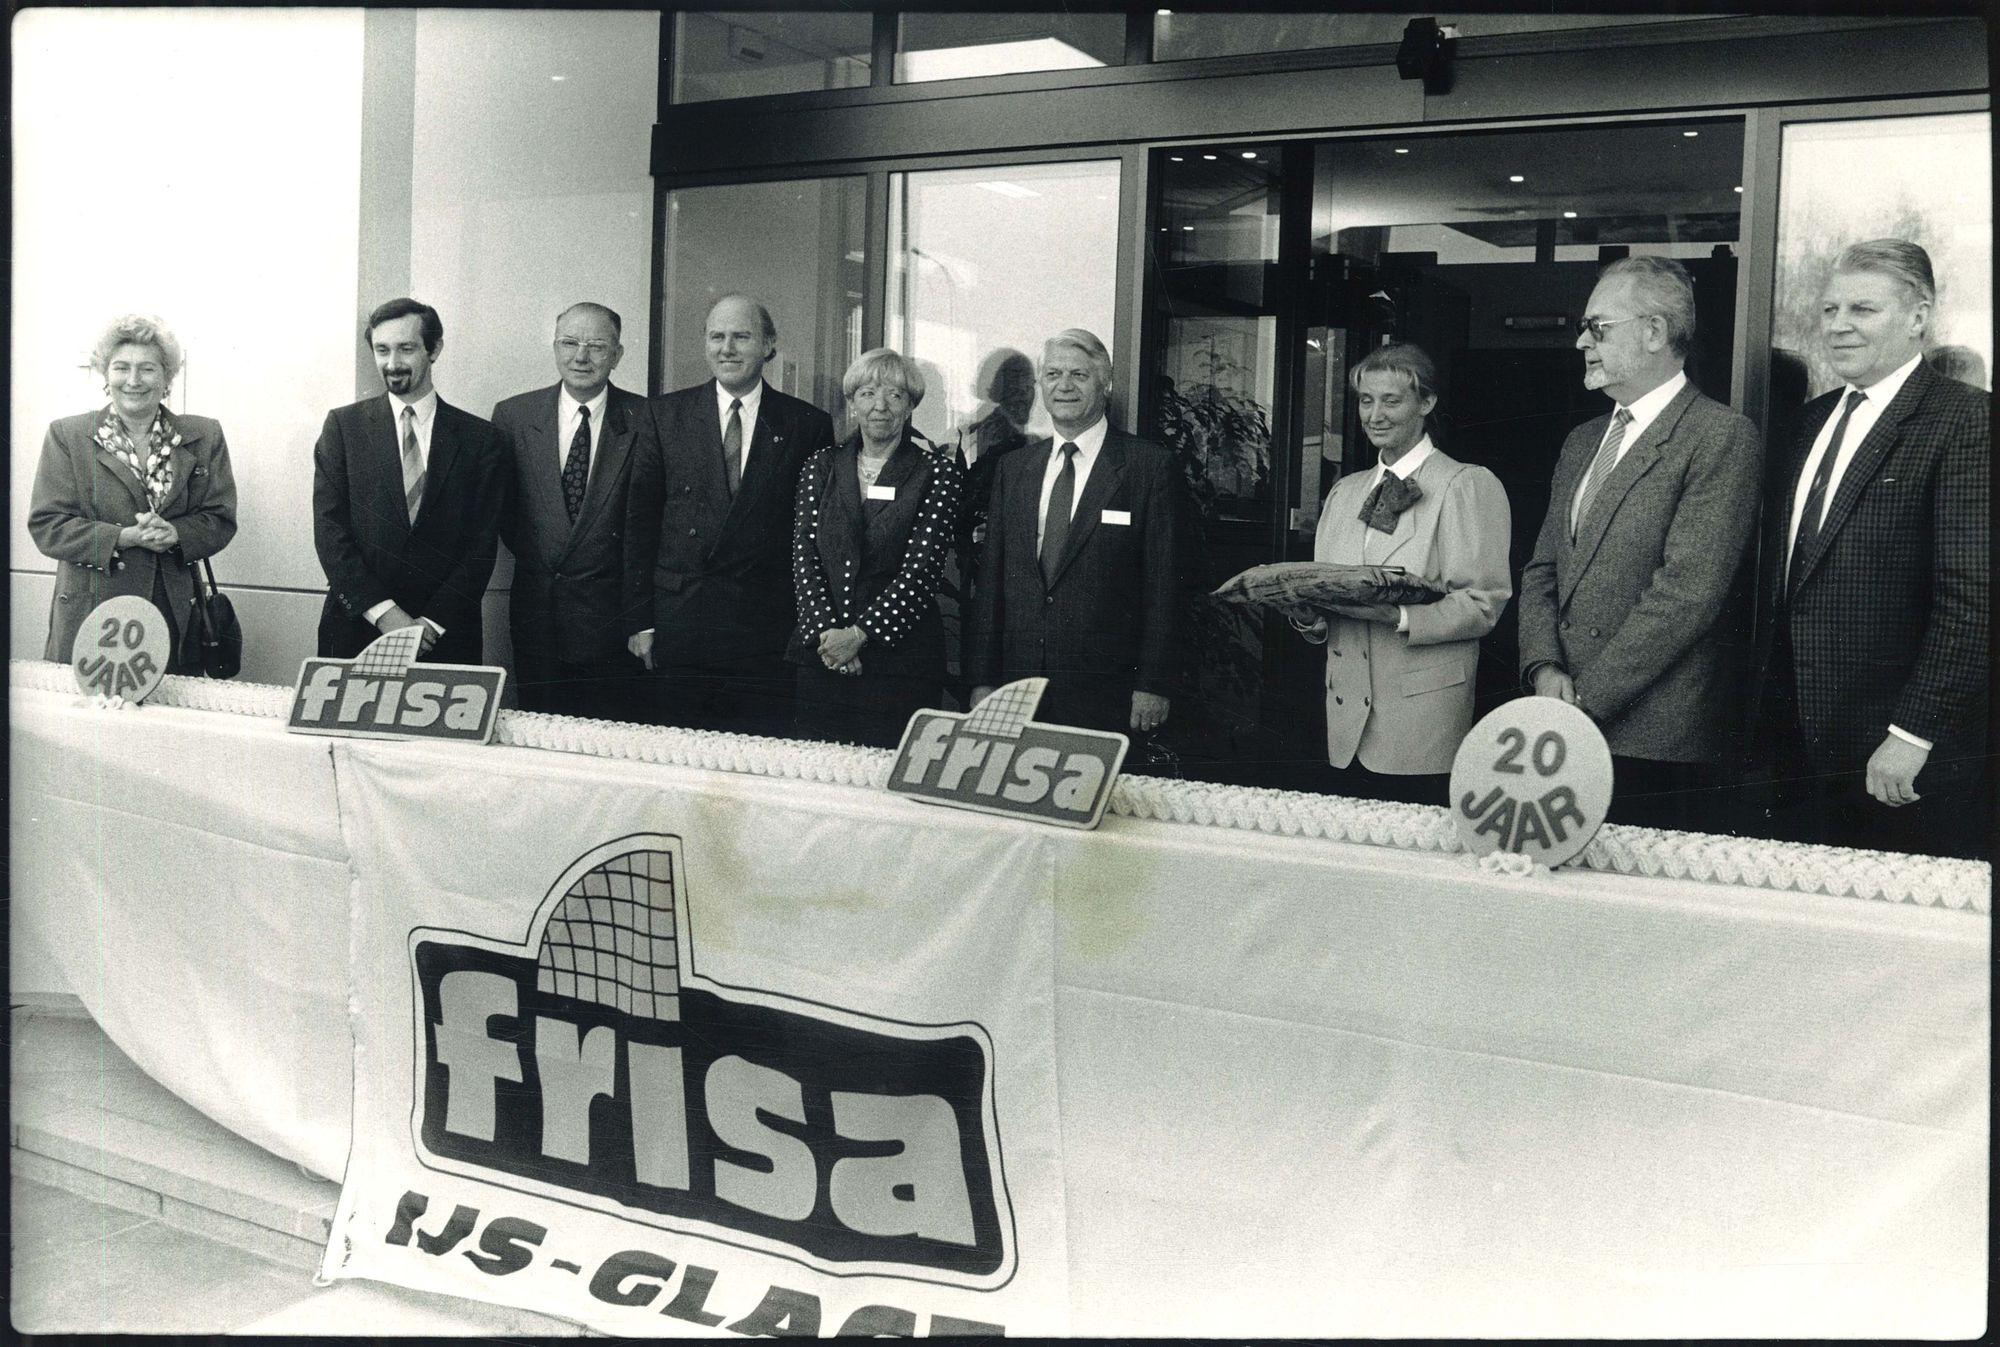 FRISA is 20 jaar 1990